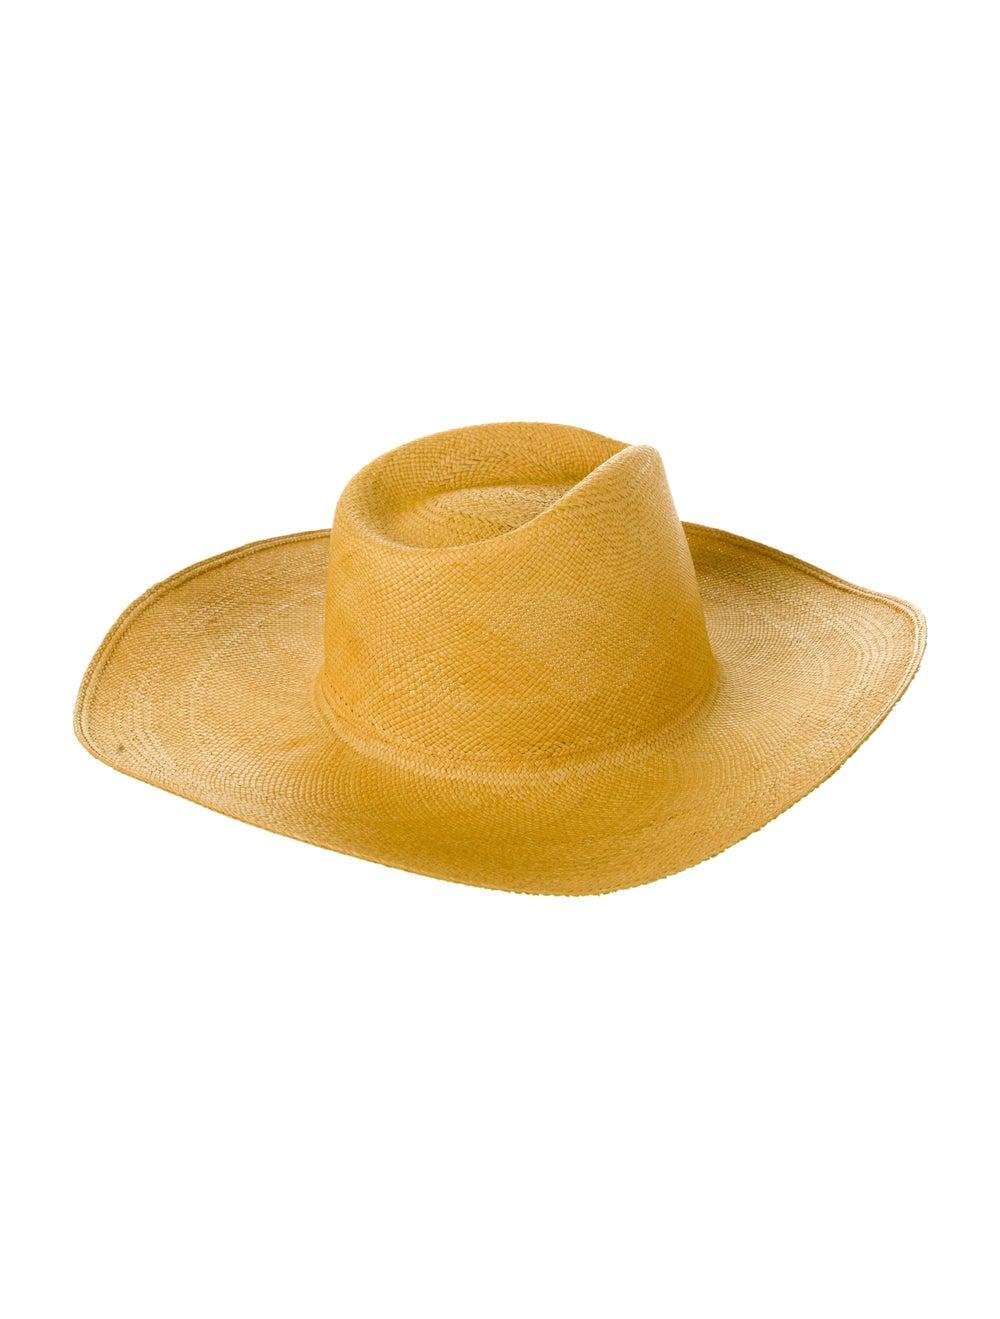 Clyde Wide Brim Straw Hat - image 2